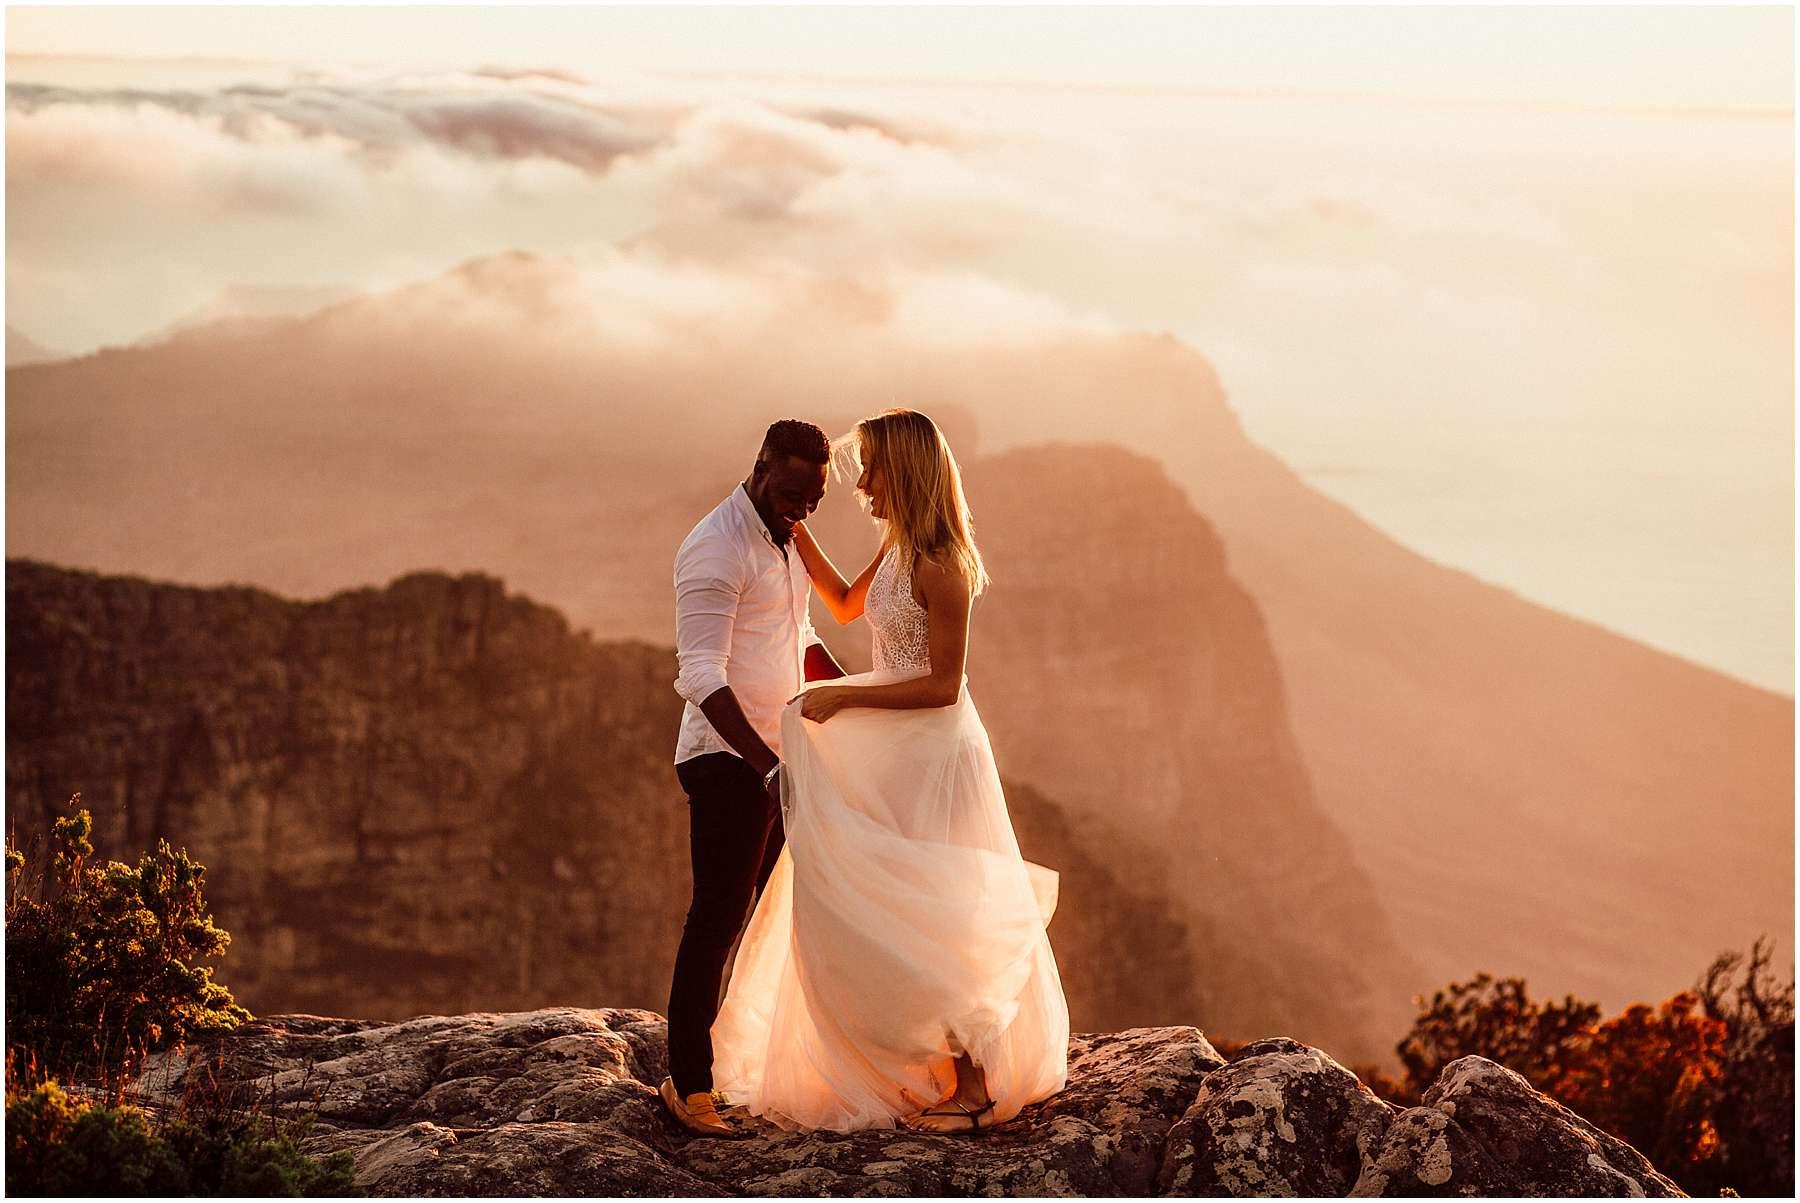 LOTTYH-South-Africa-Elopement-Photographer_0029.jpg